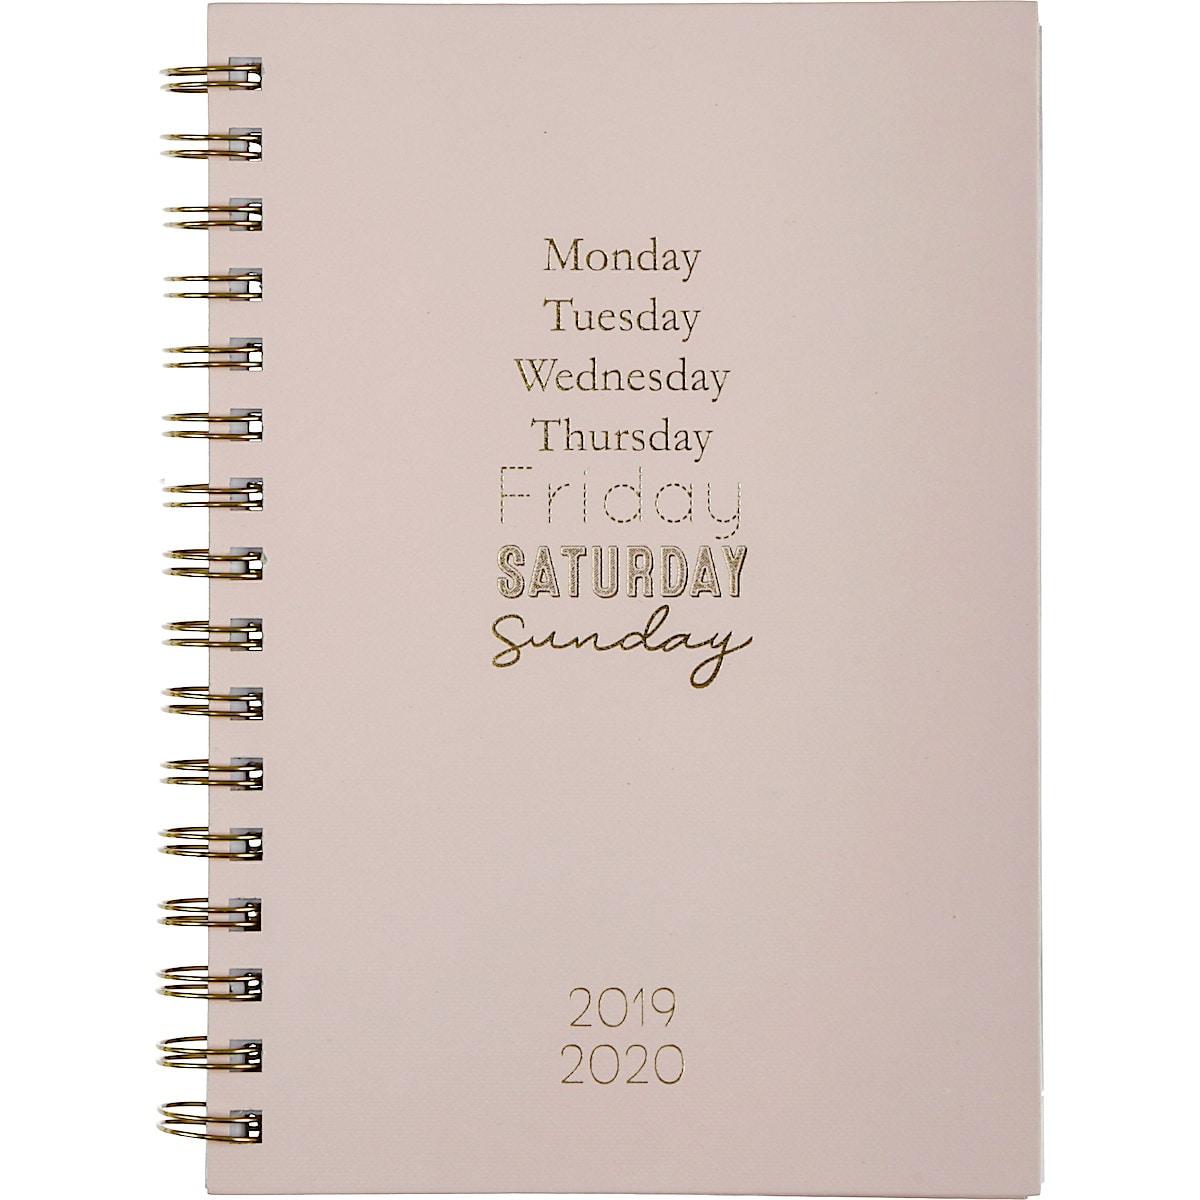 Viikkokalenteri 2019/2020, vaaleanpunainen